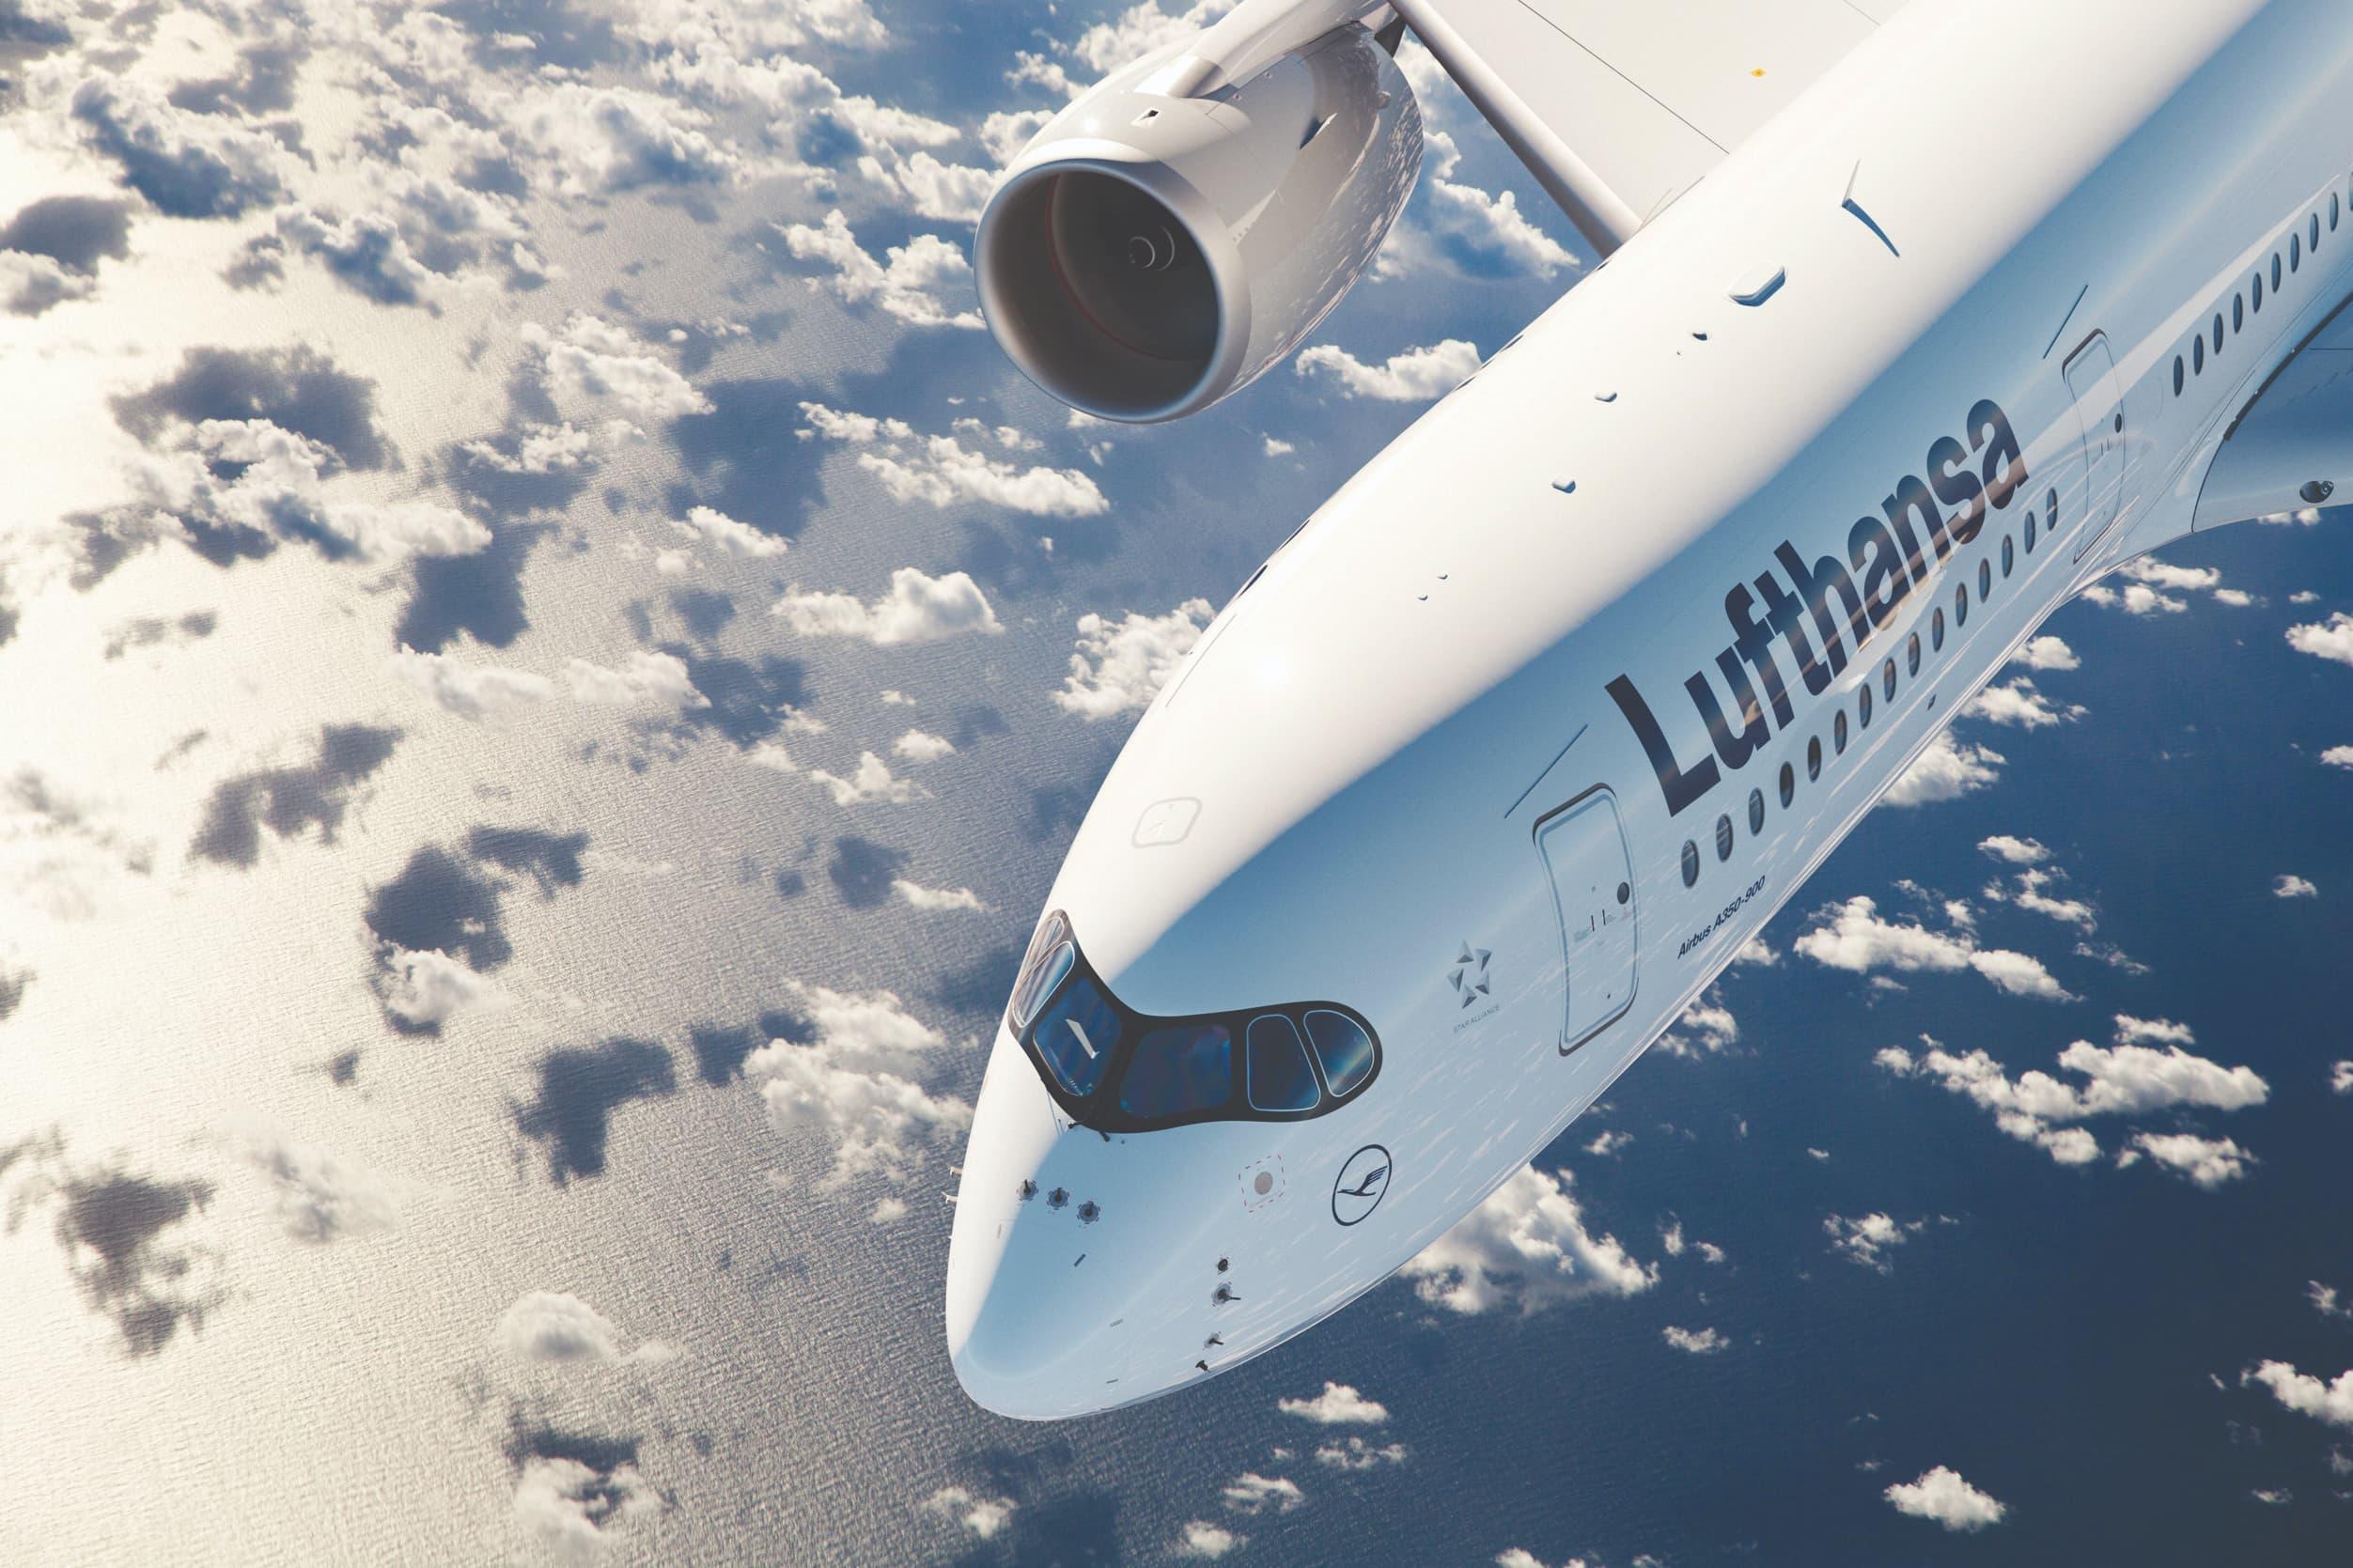 Horas de voo: novos destinos, novas rotas